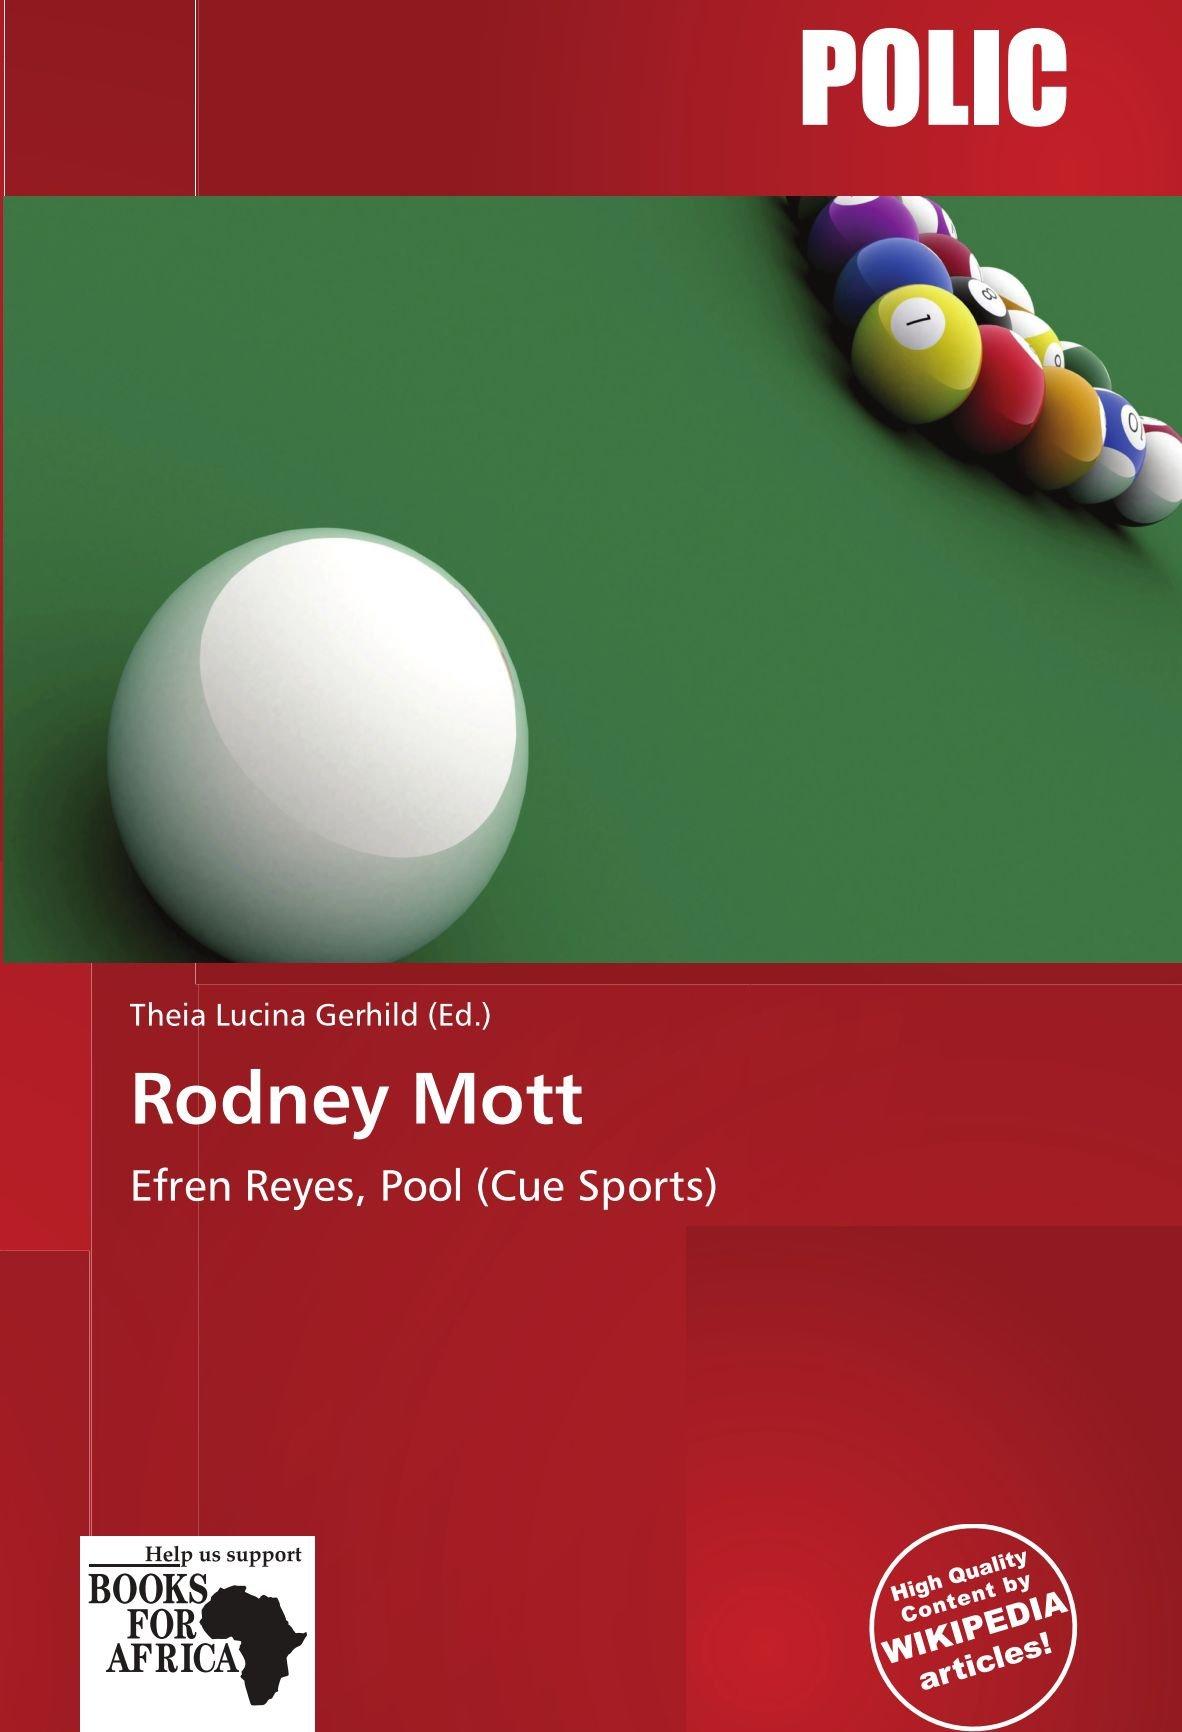 Rodney Mott: Efren Reyes, Pool (Cue Sports): Amazon.es: Gerhild, Theia Lucina: Libros en idiomas extranjeros